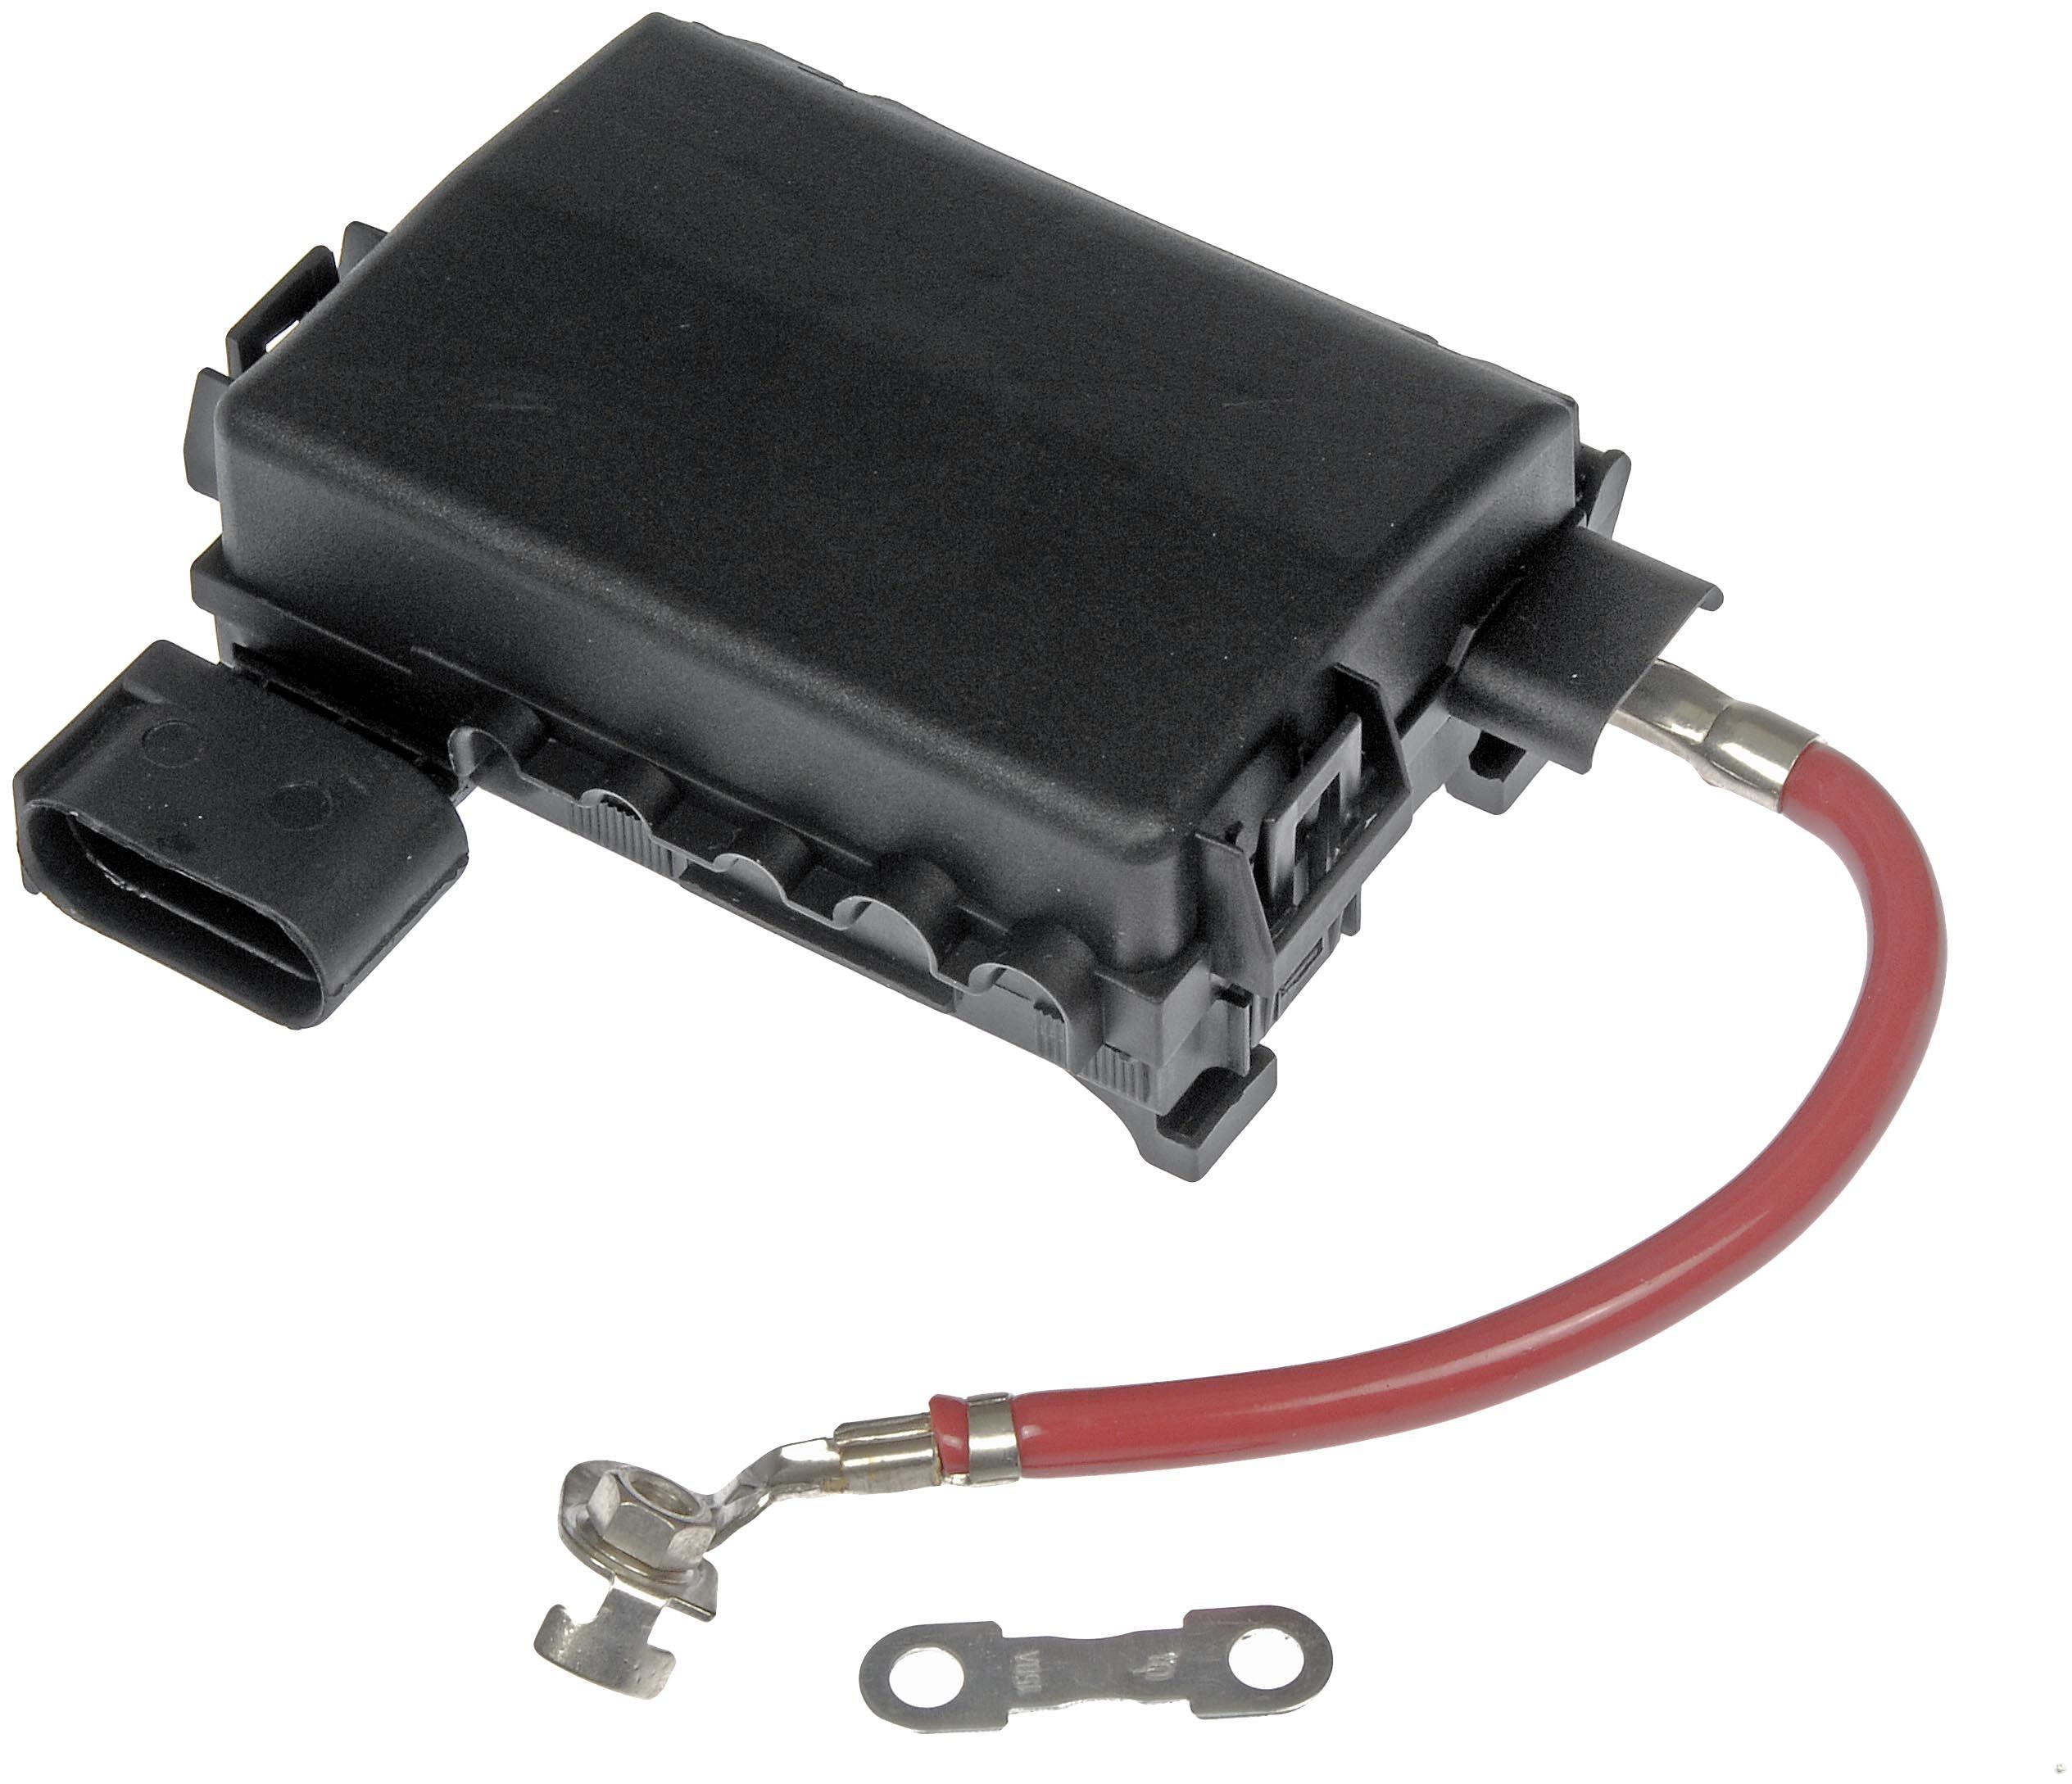 Dorman 924-680 High Voltage Fuse Box